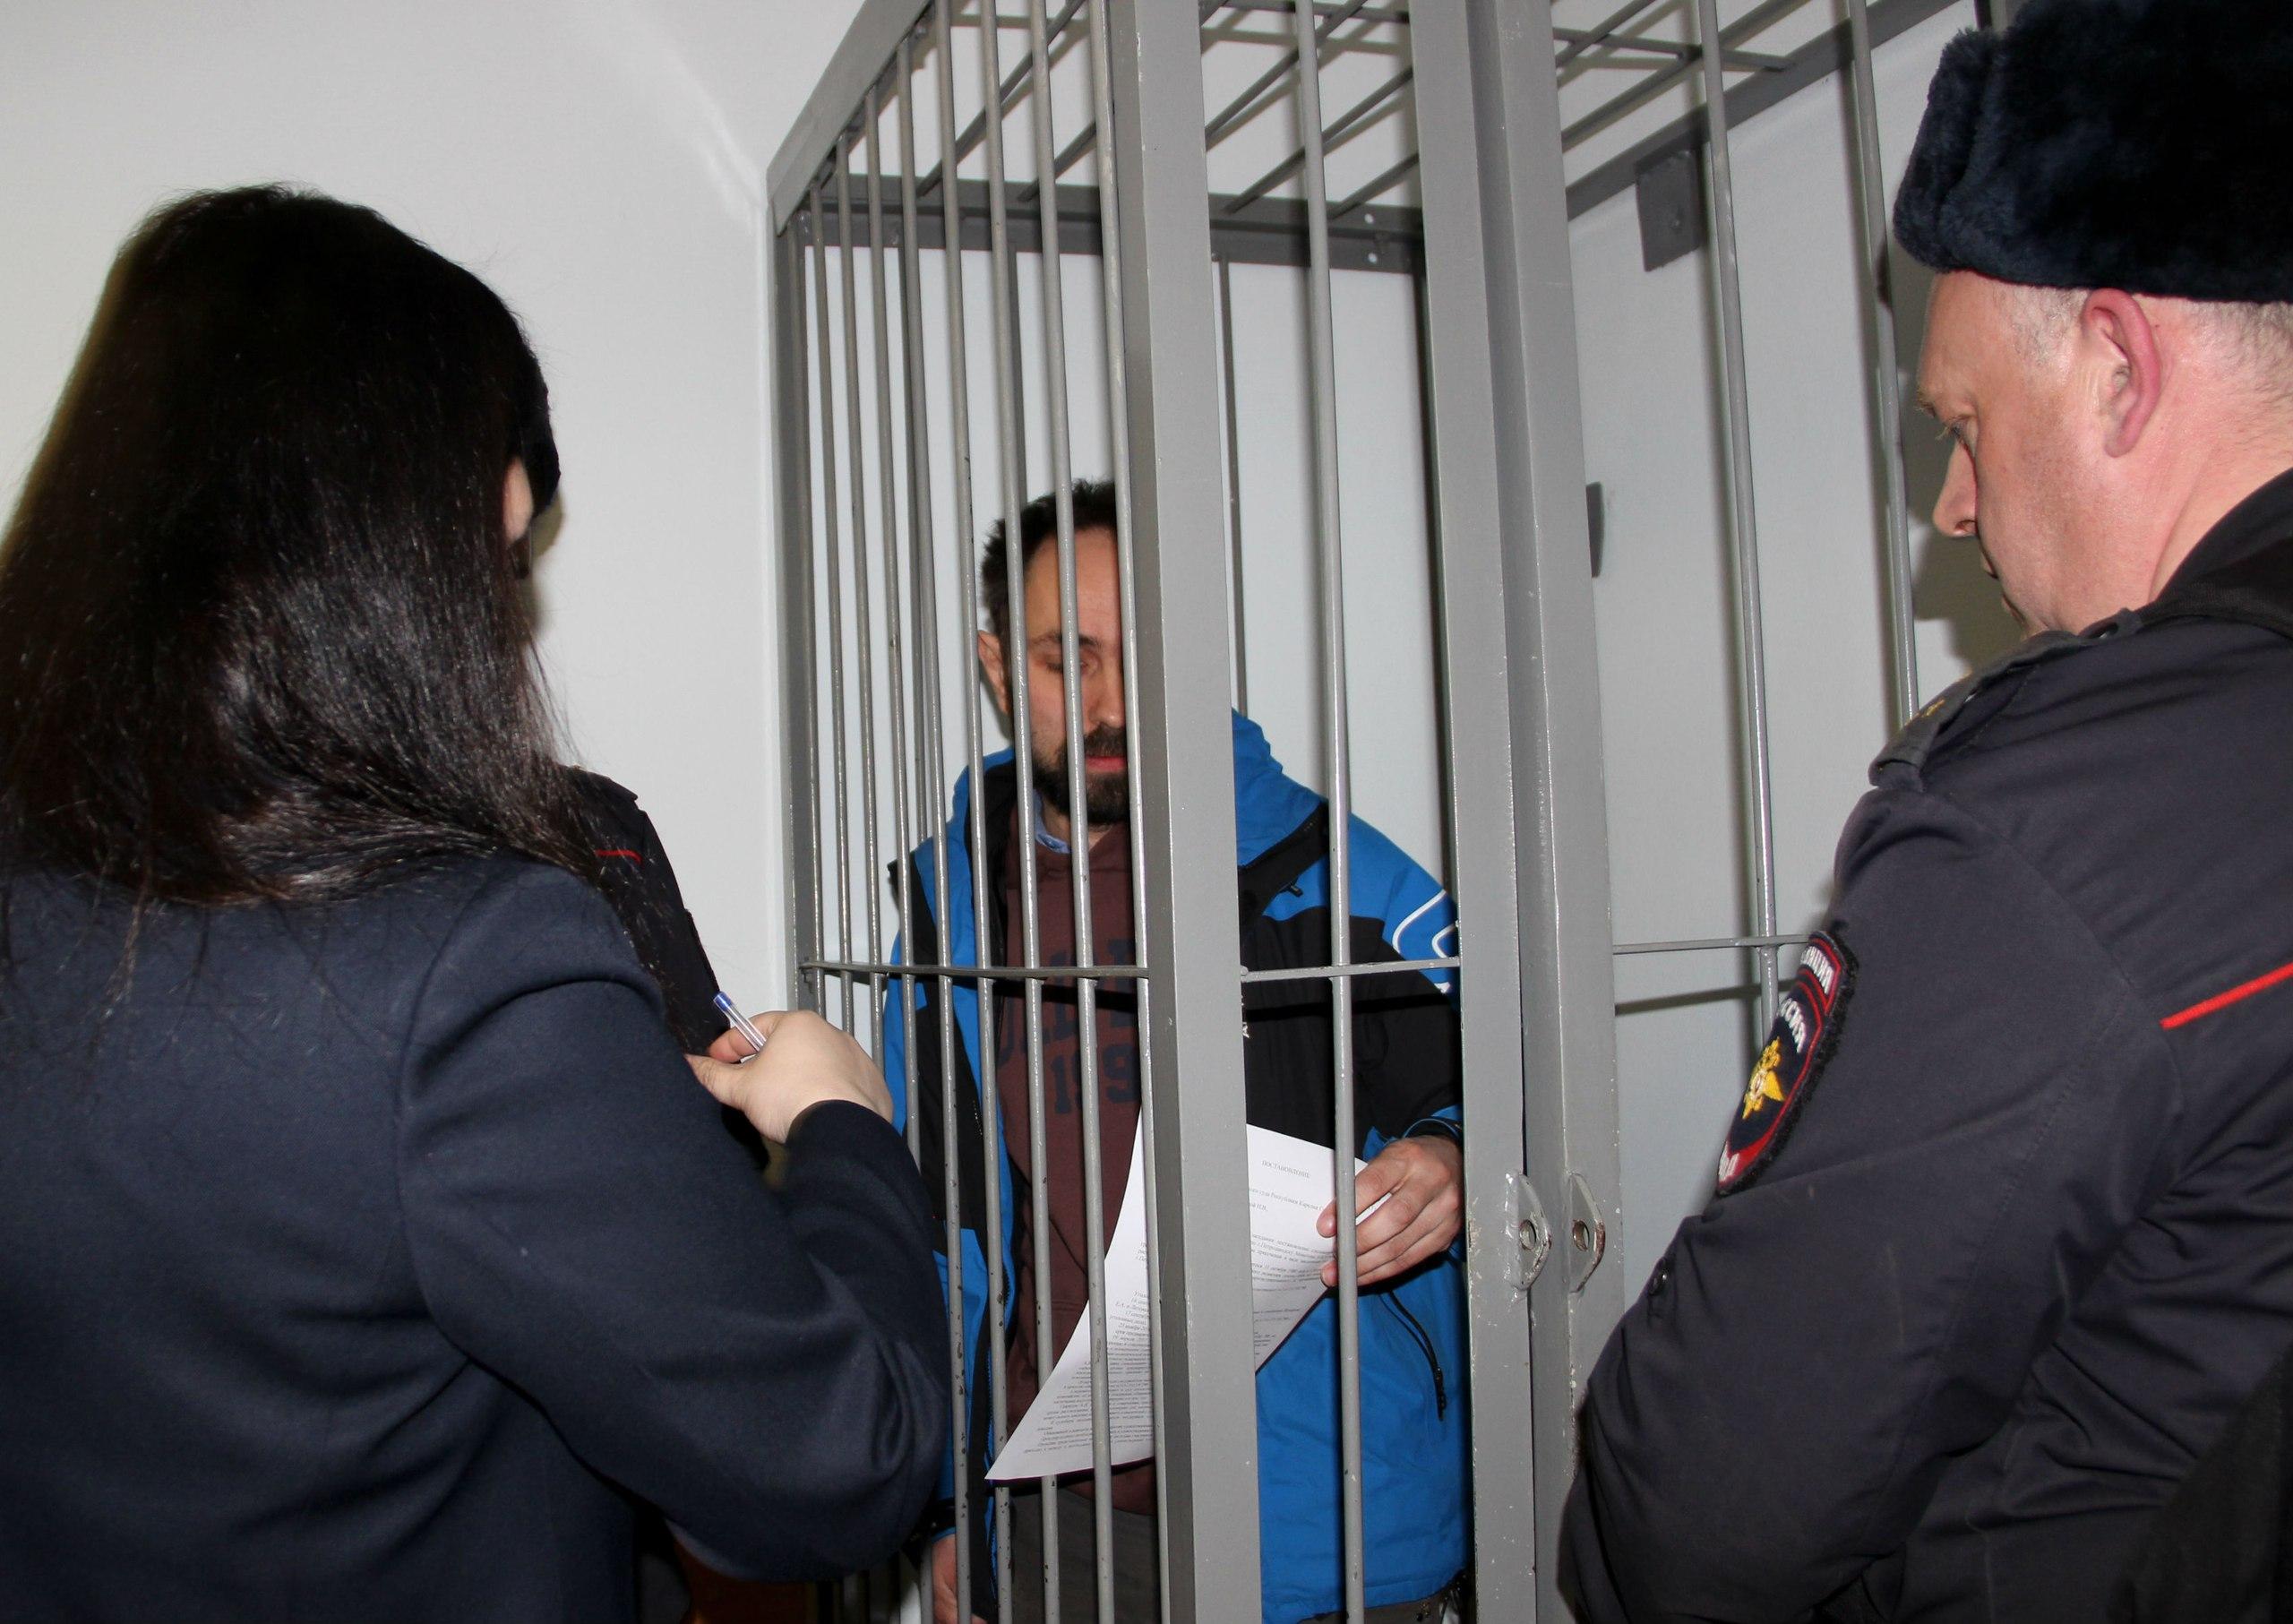 Алексей Гаврилов в суде. Фото: Илона Радкевич